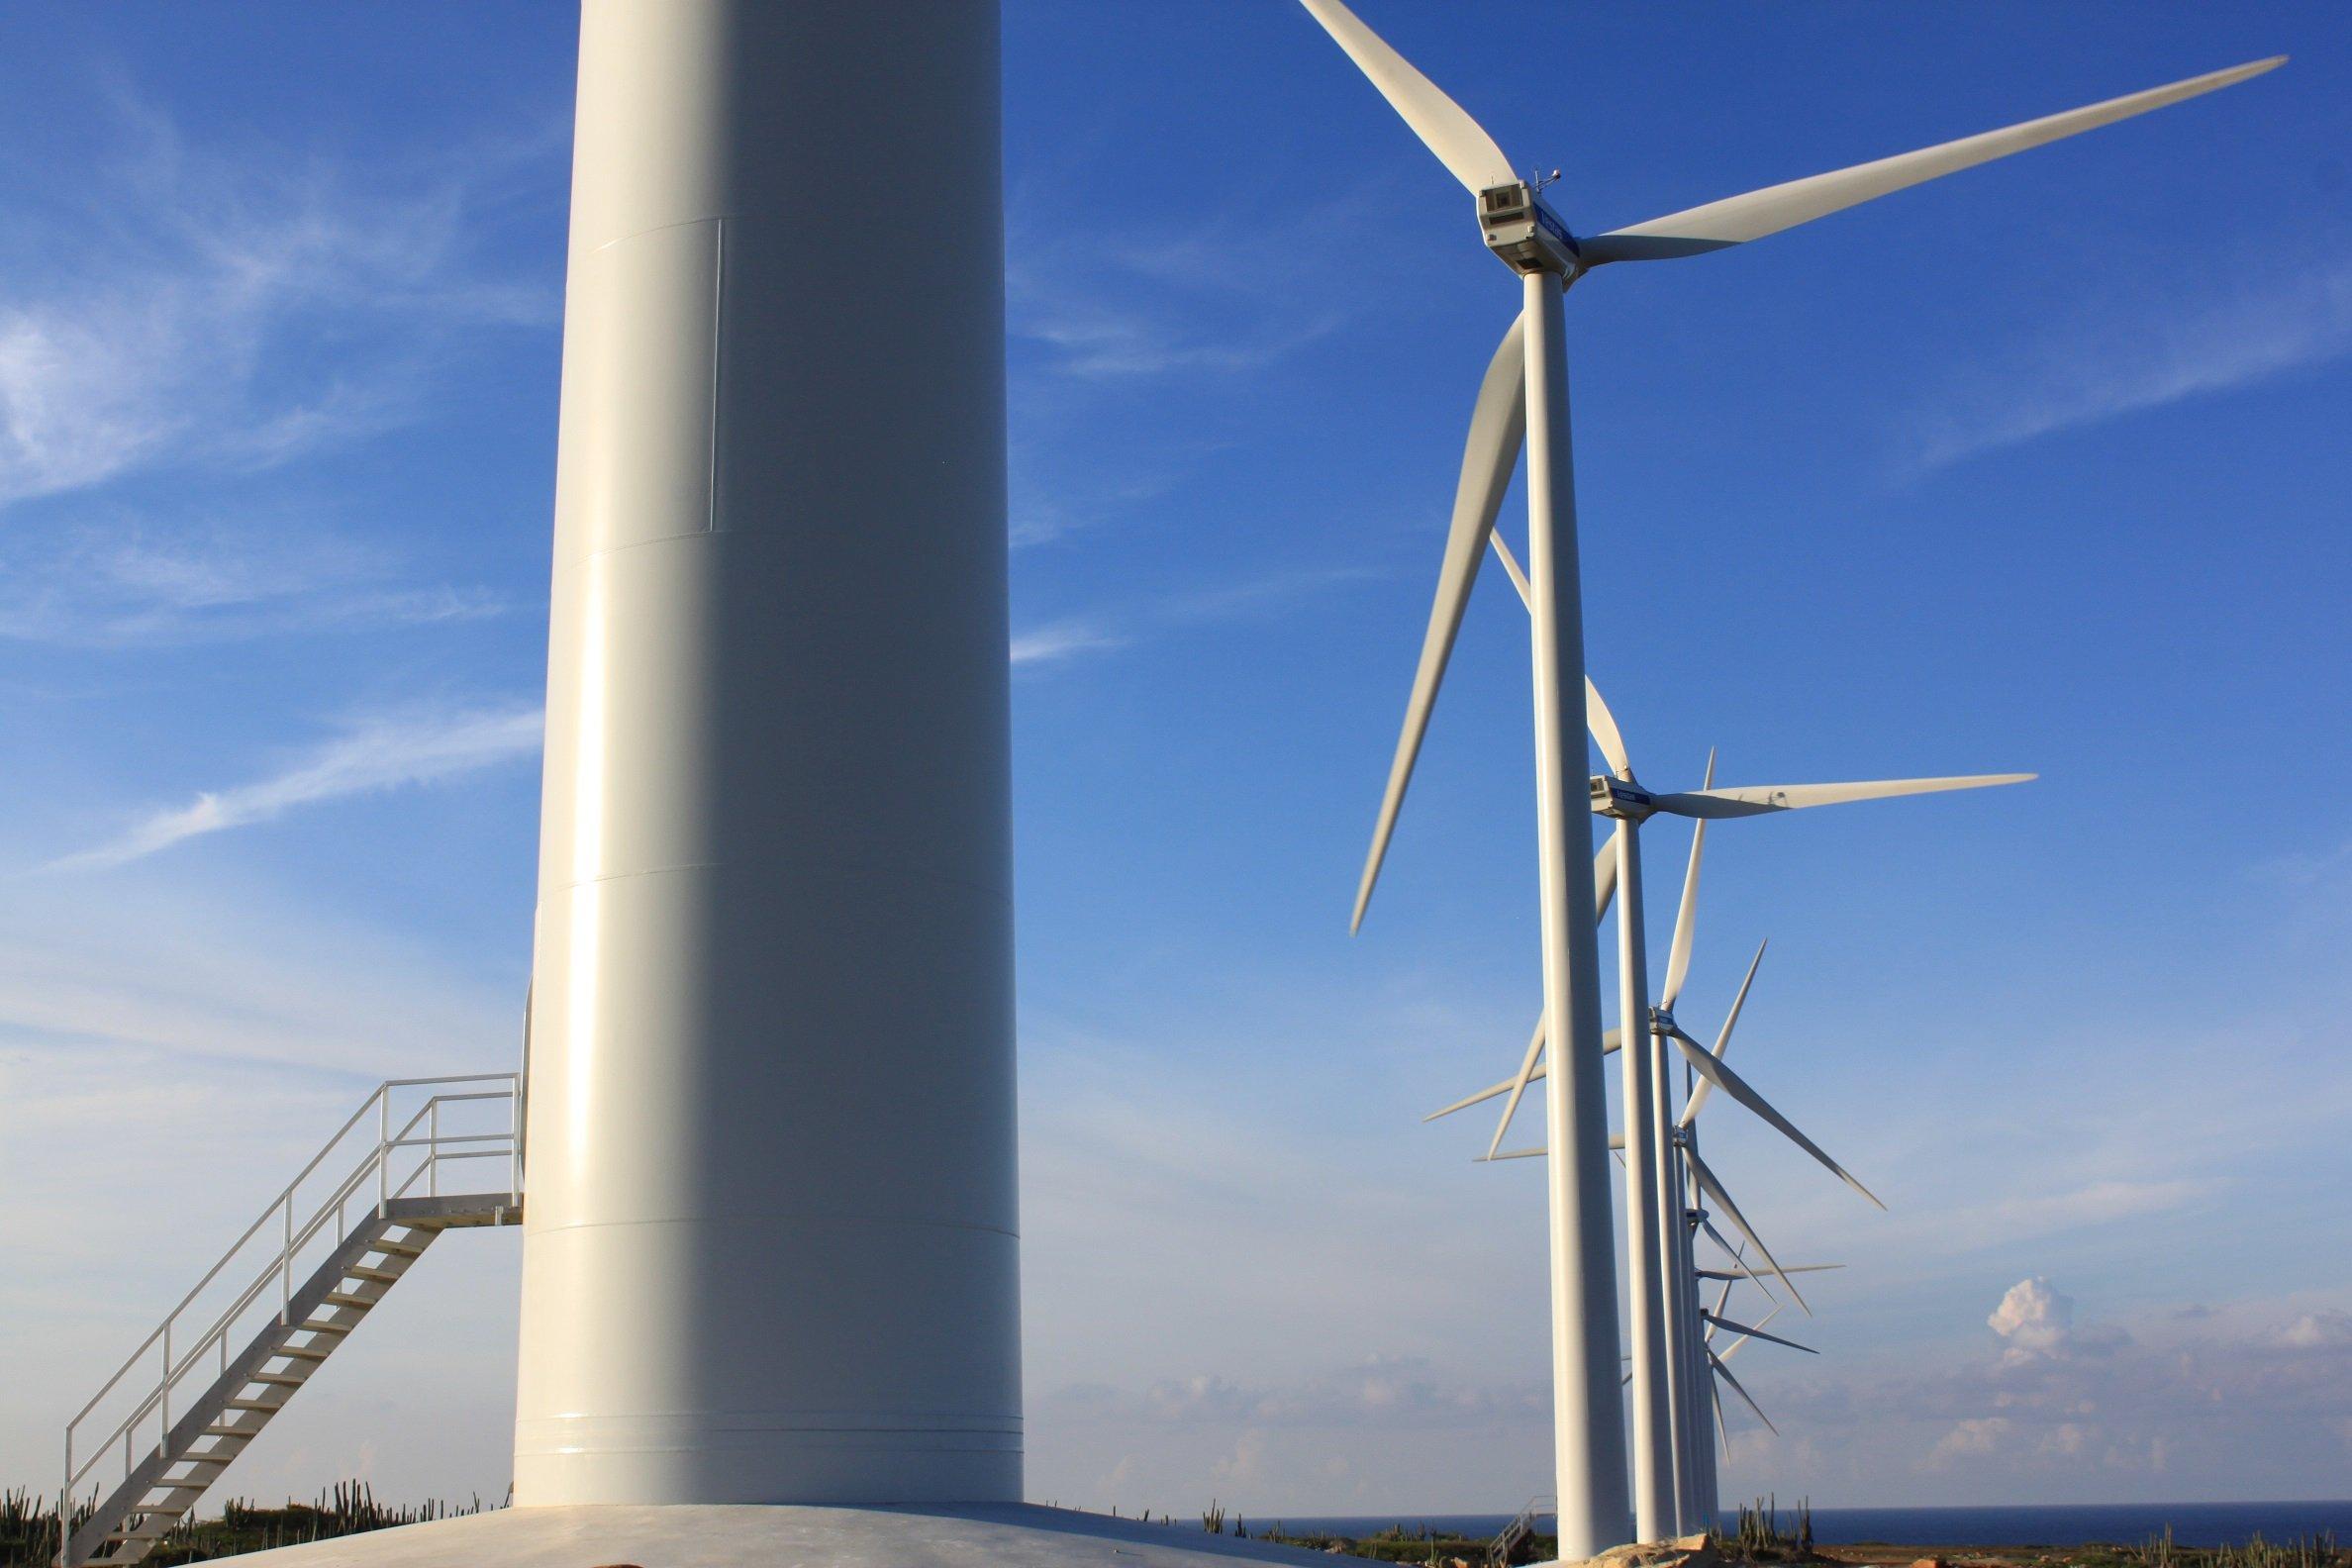 توربينات طاقة رياح لشركة إينل جرين باور- الغاز الحيوي